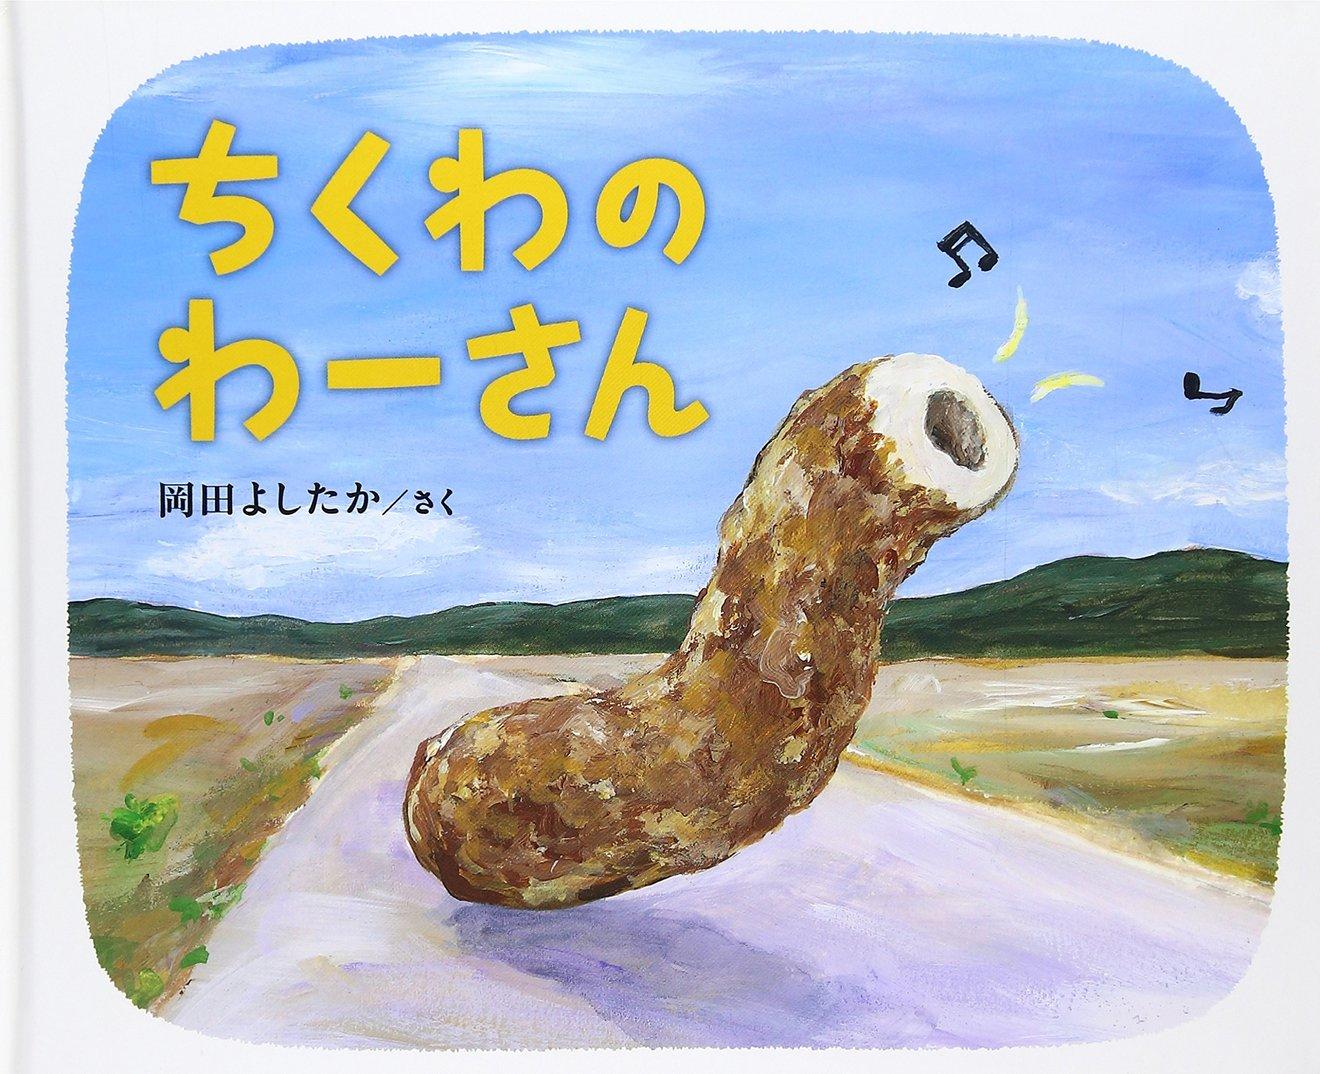 岡田よしたかのおすすめ絵本5選!食べ物が主人公の楽しい物語